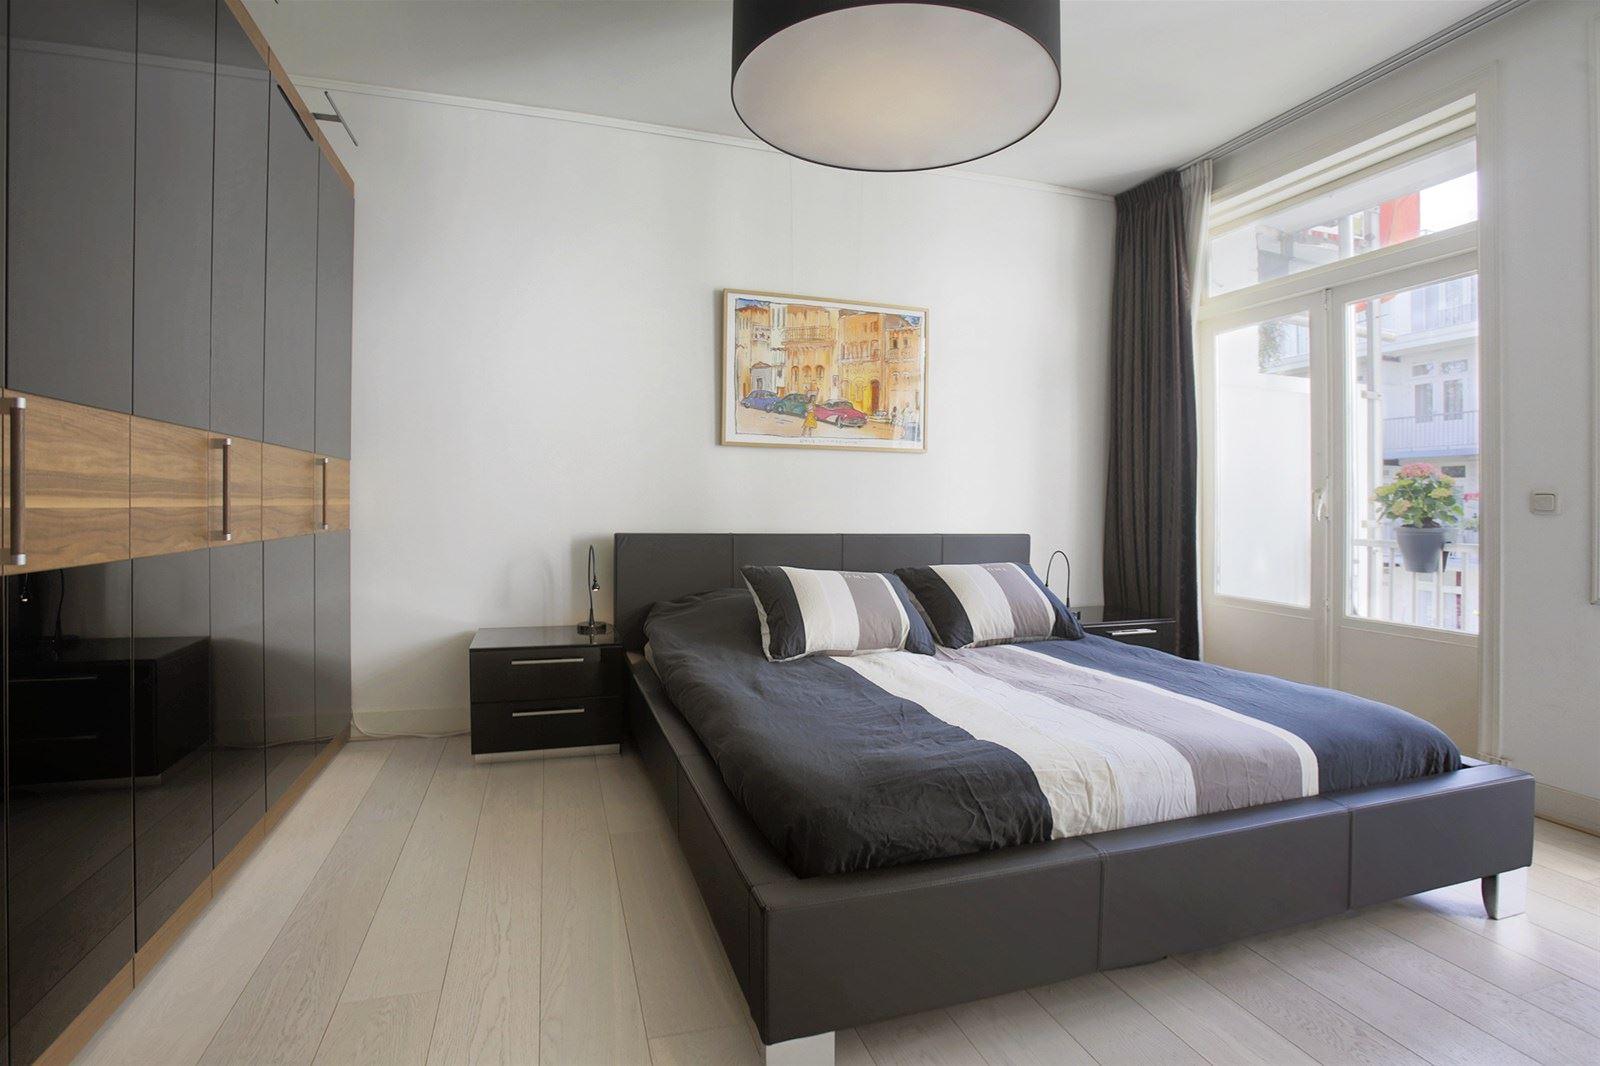 Appartement te koop: De Kempenaerstraat 58 II 1051 CR Amsterdam ...